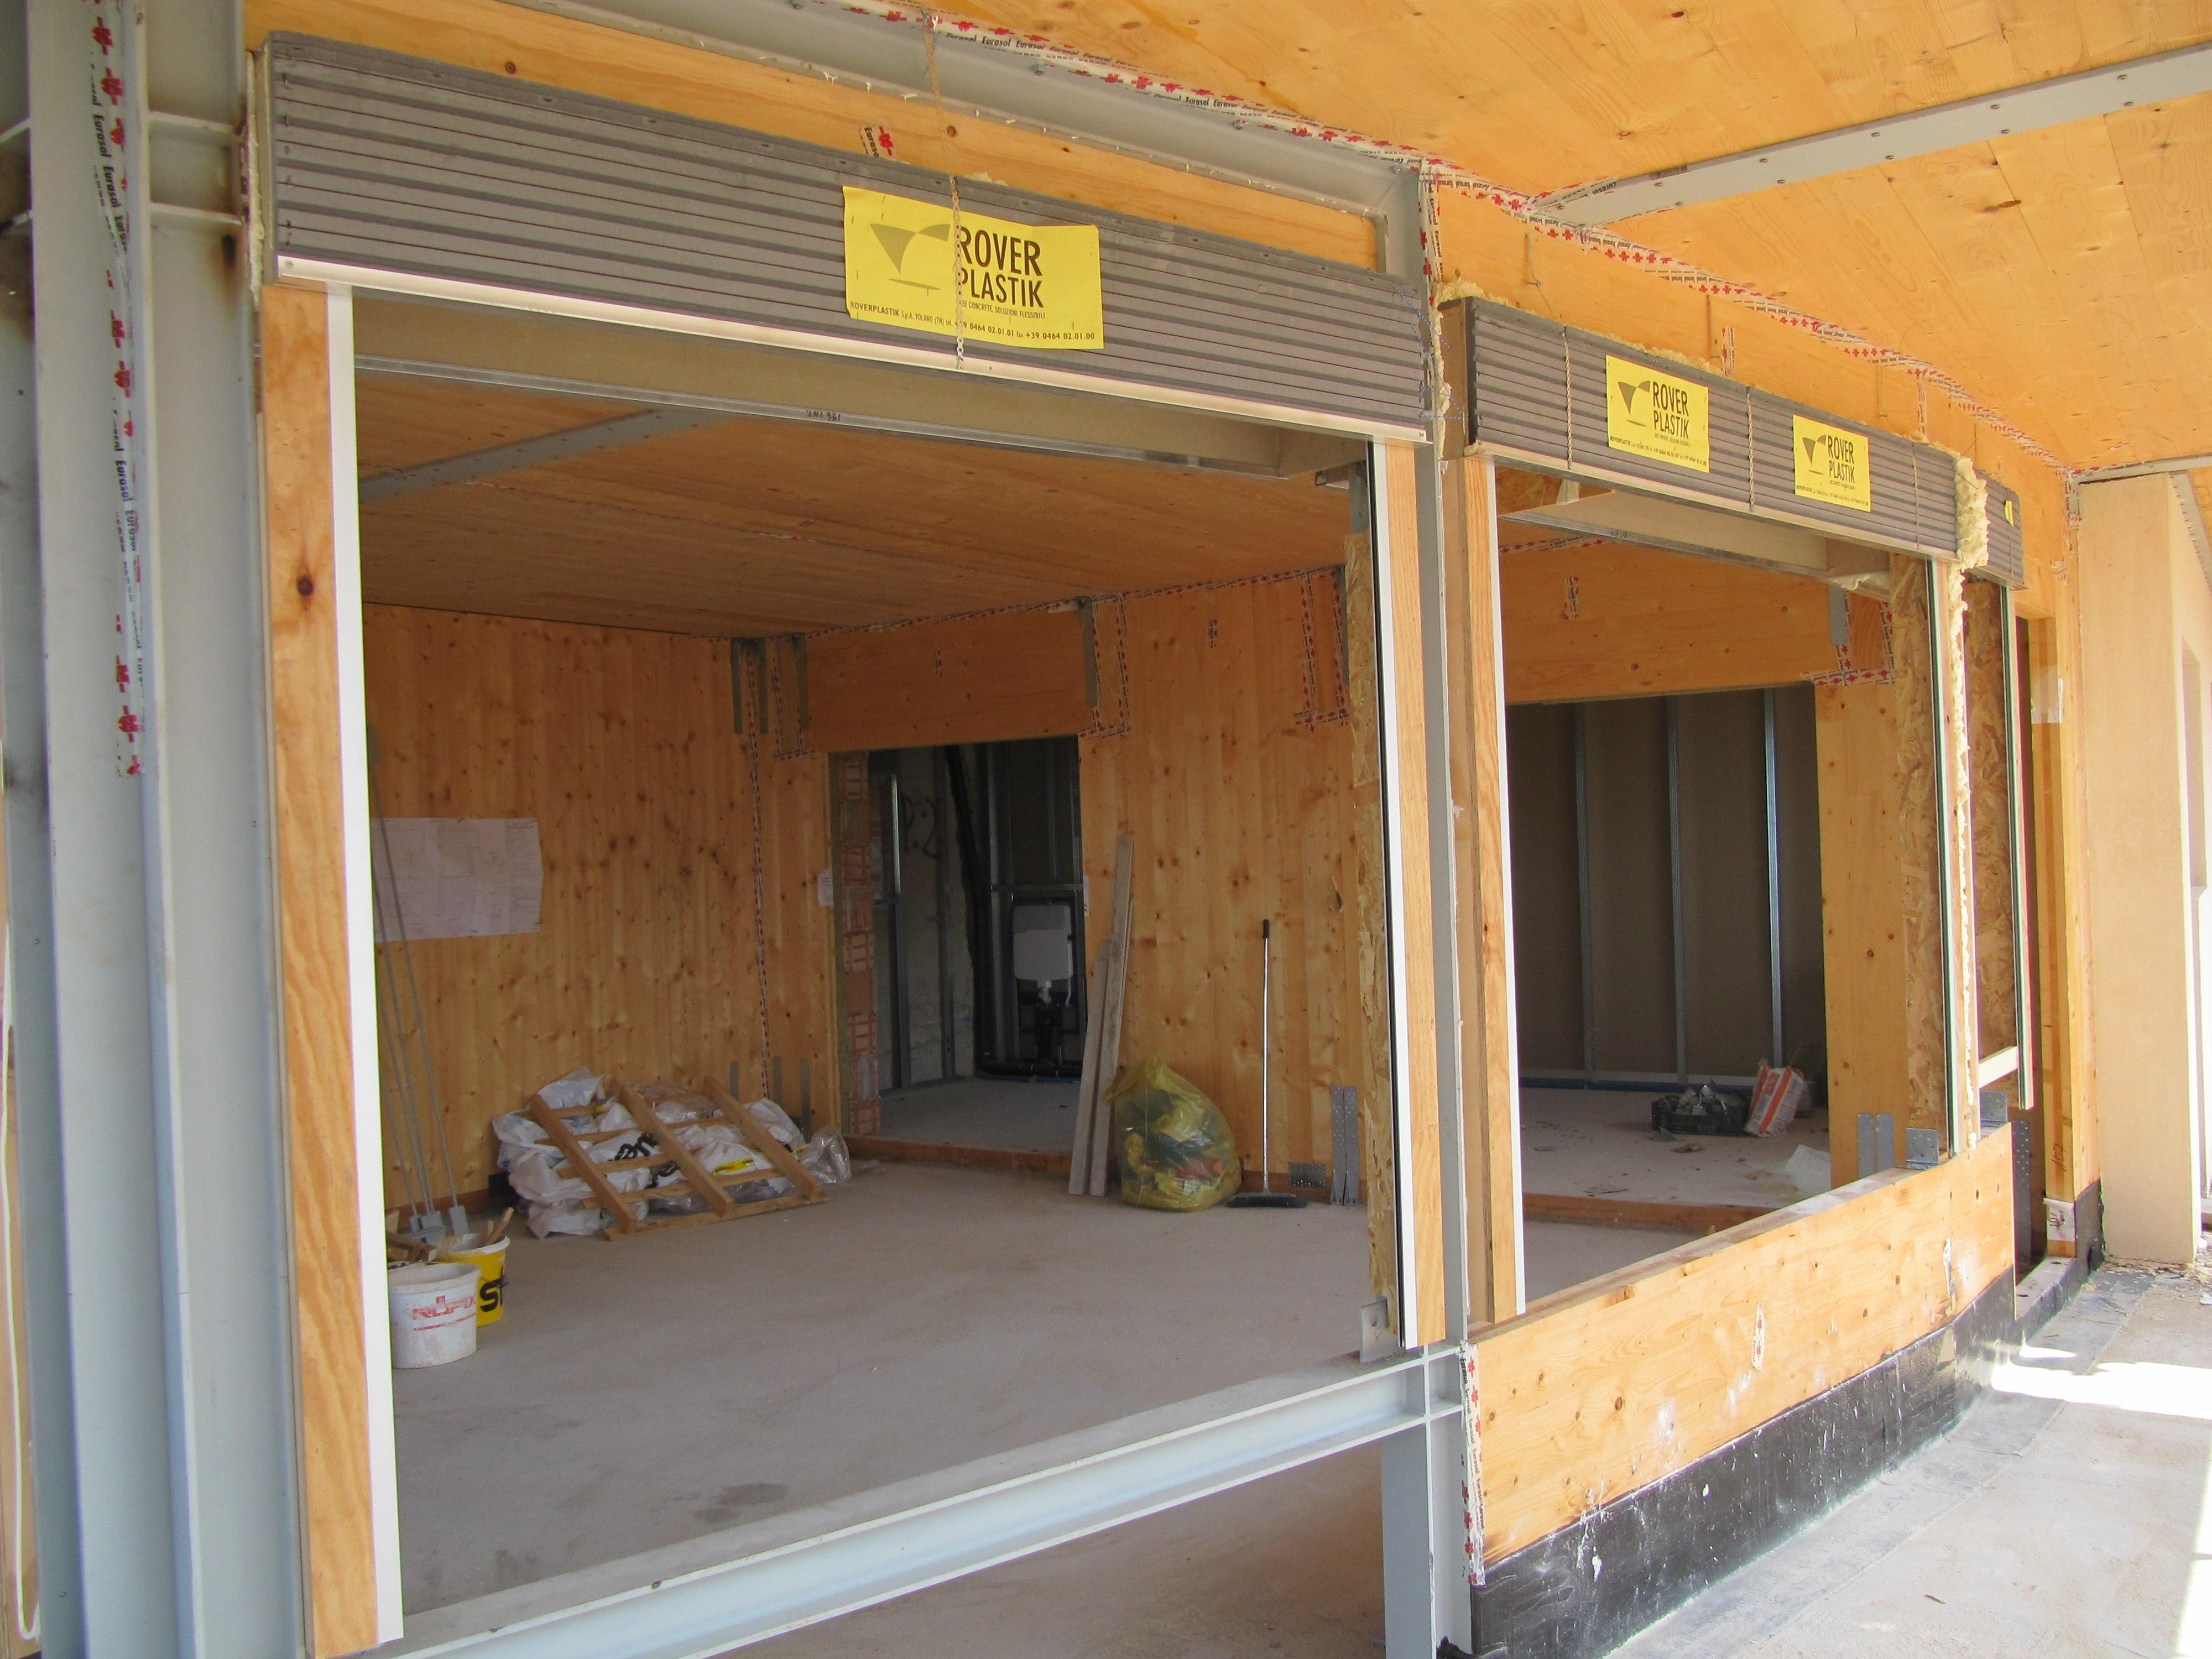 Installazione tapparelle verona - Porte finestre usate subito ...